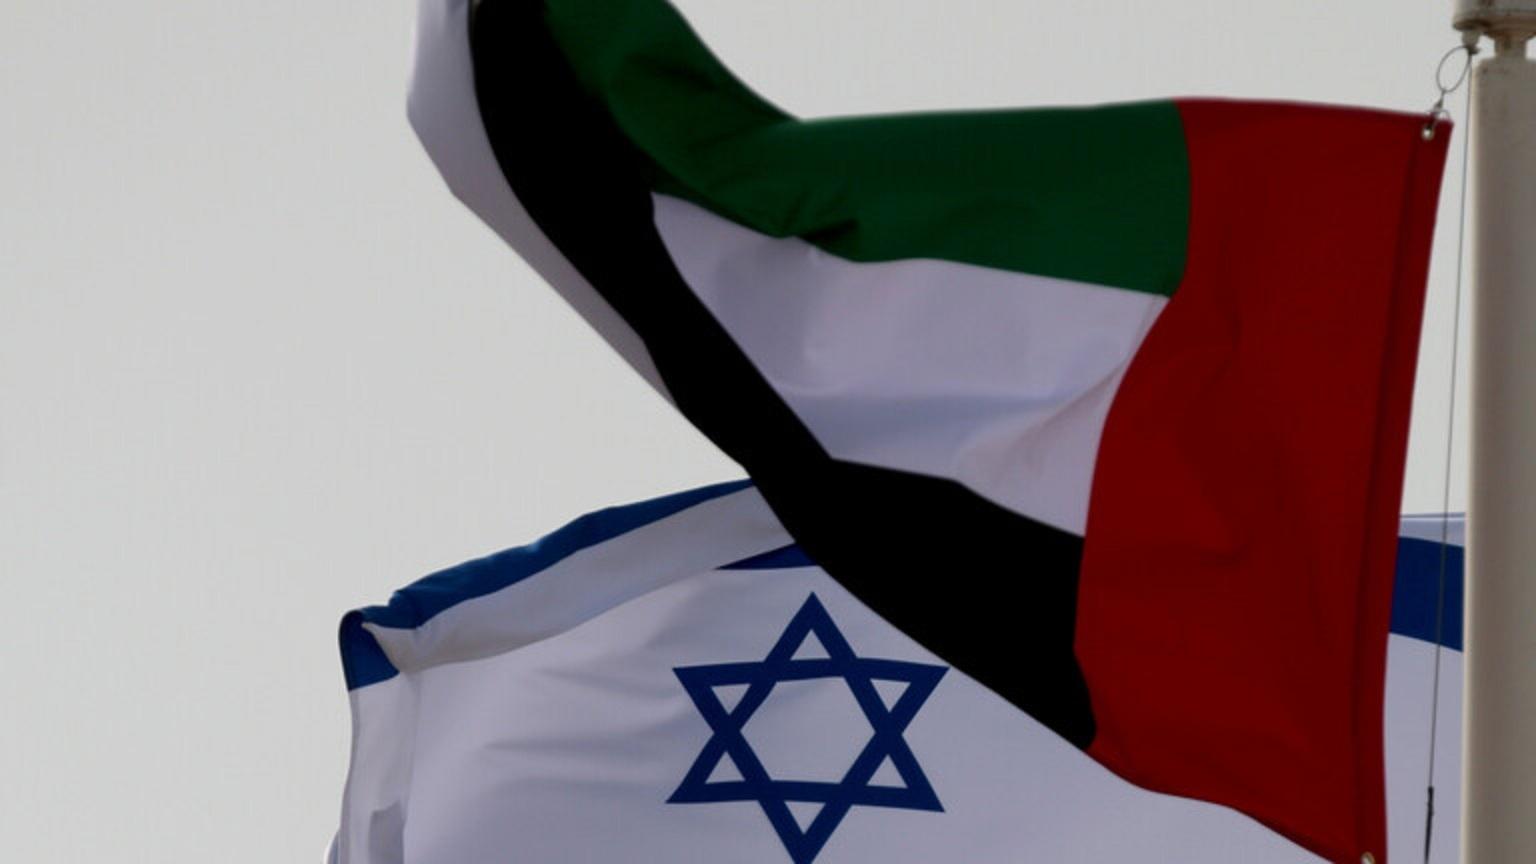 تقرير: أول مناورات عسكرية علنية مشتركة بين الإمارات وإسرائيل